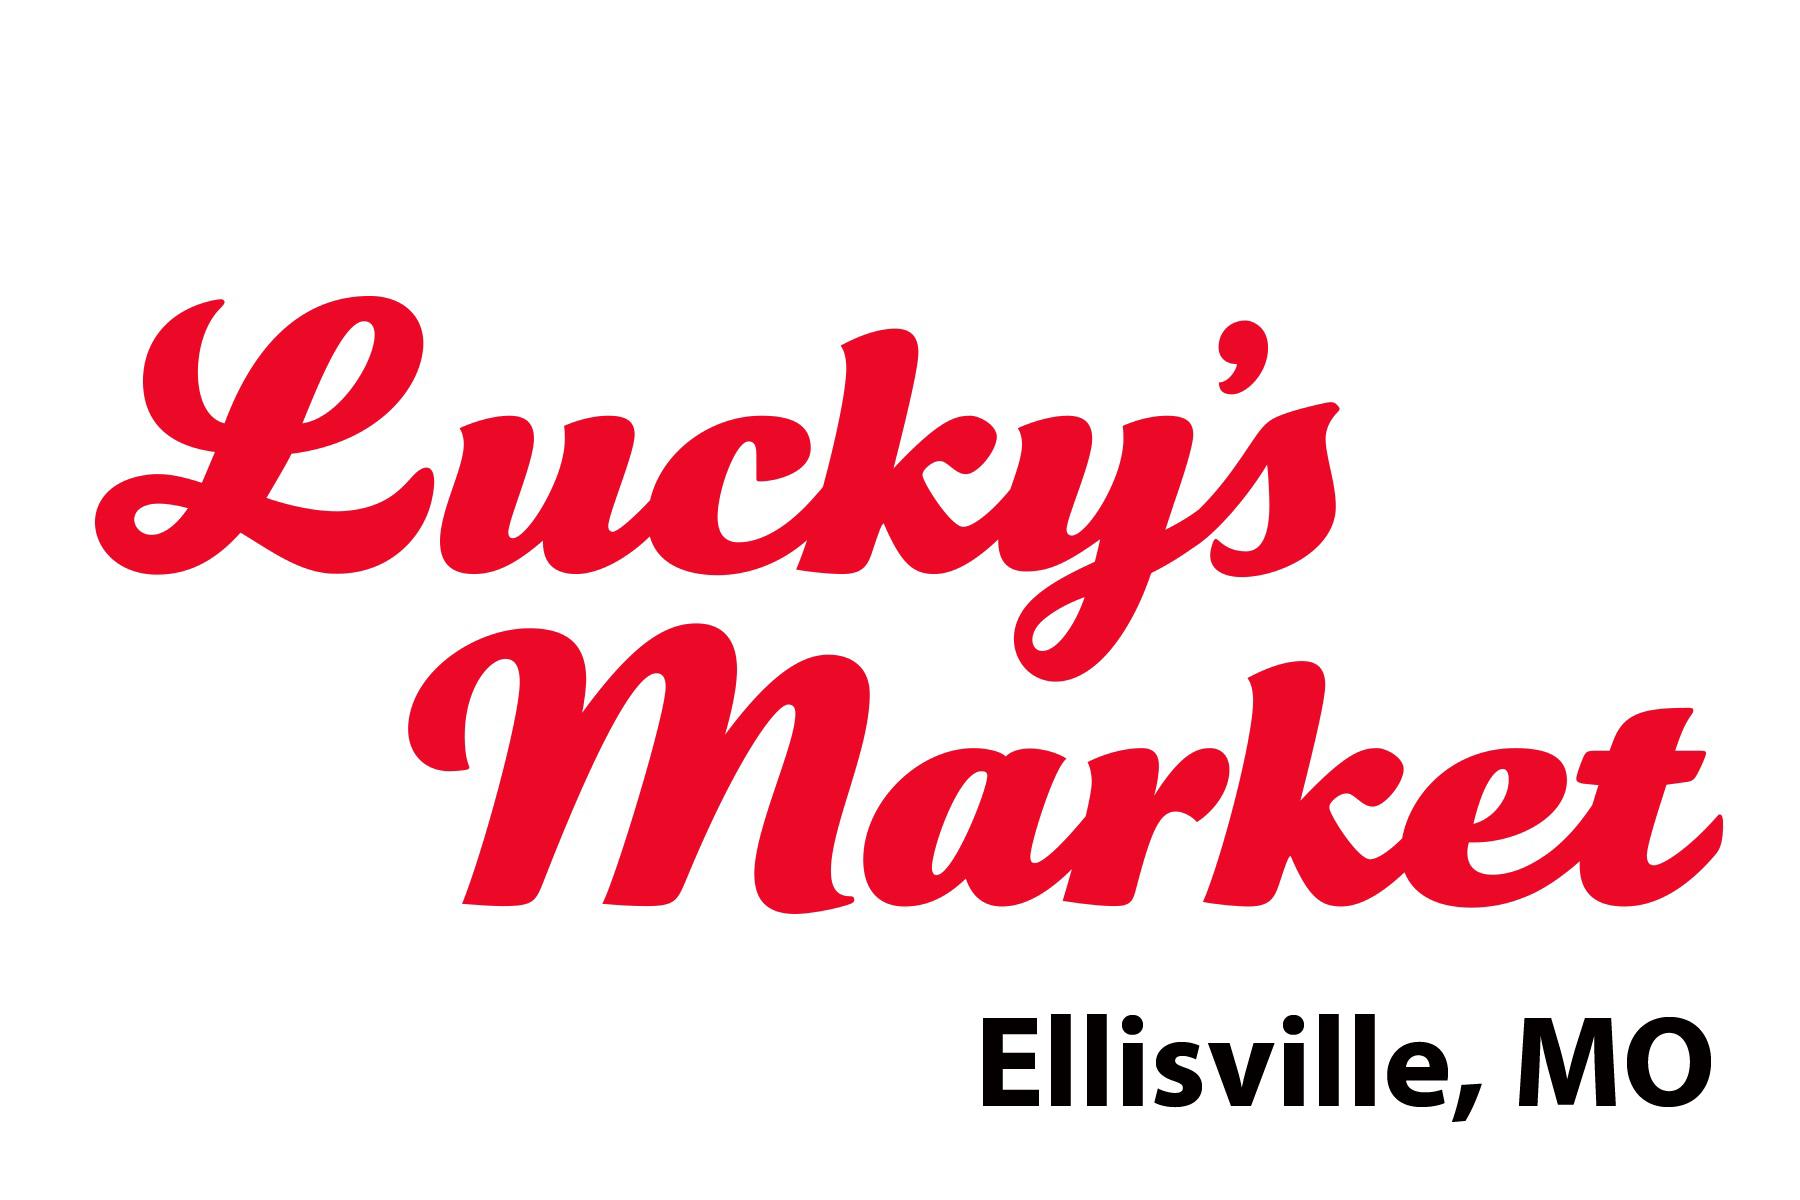 Ellisville, MO - Lucky's Market